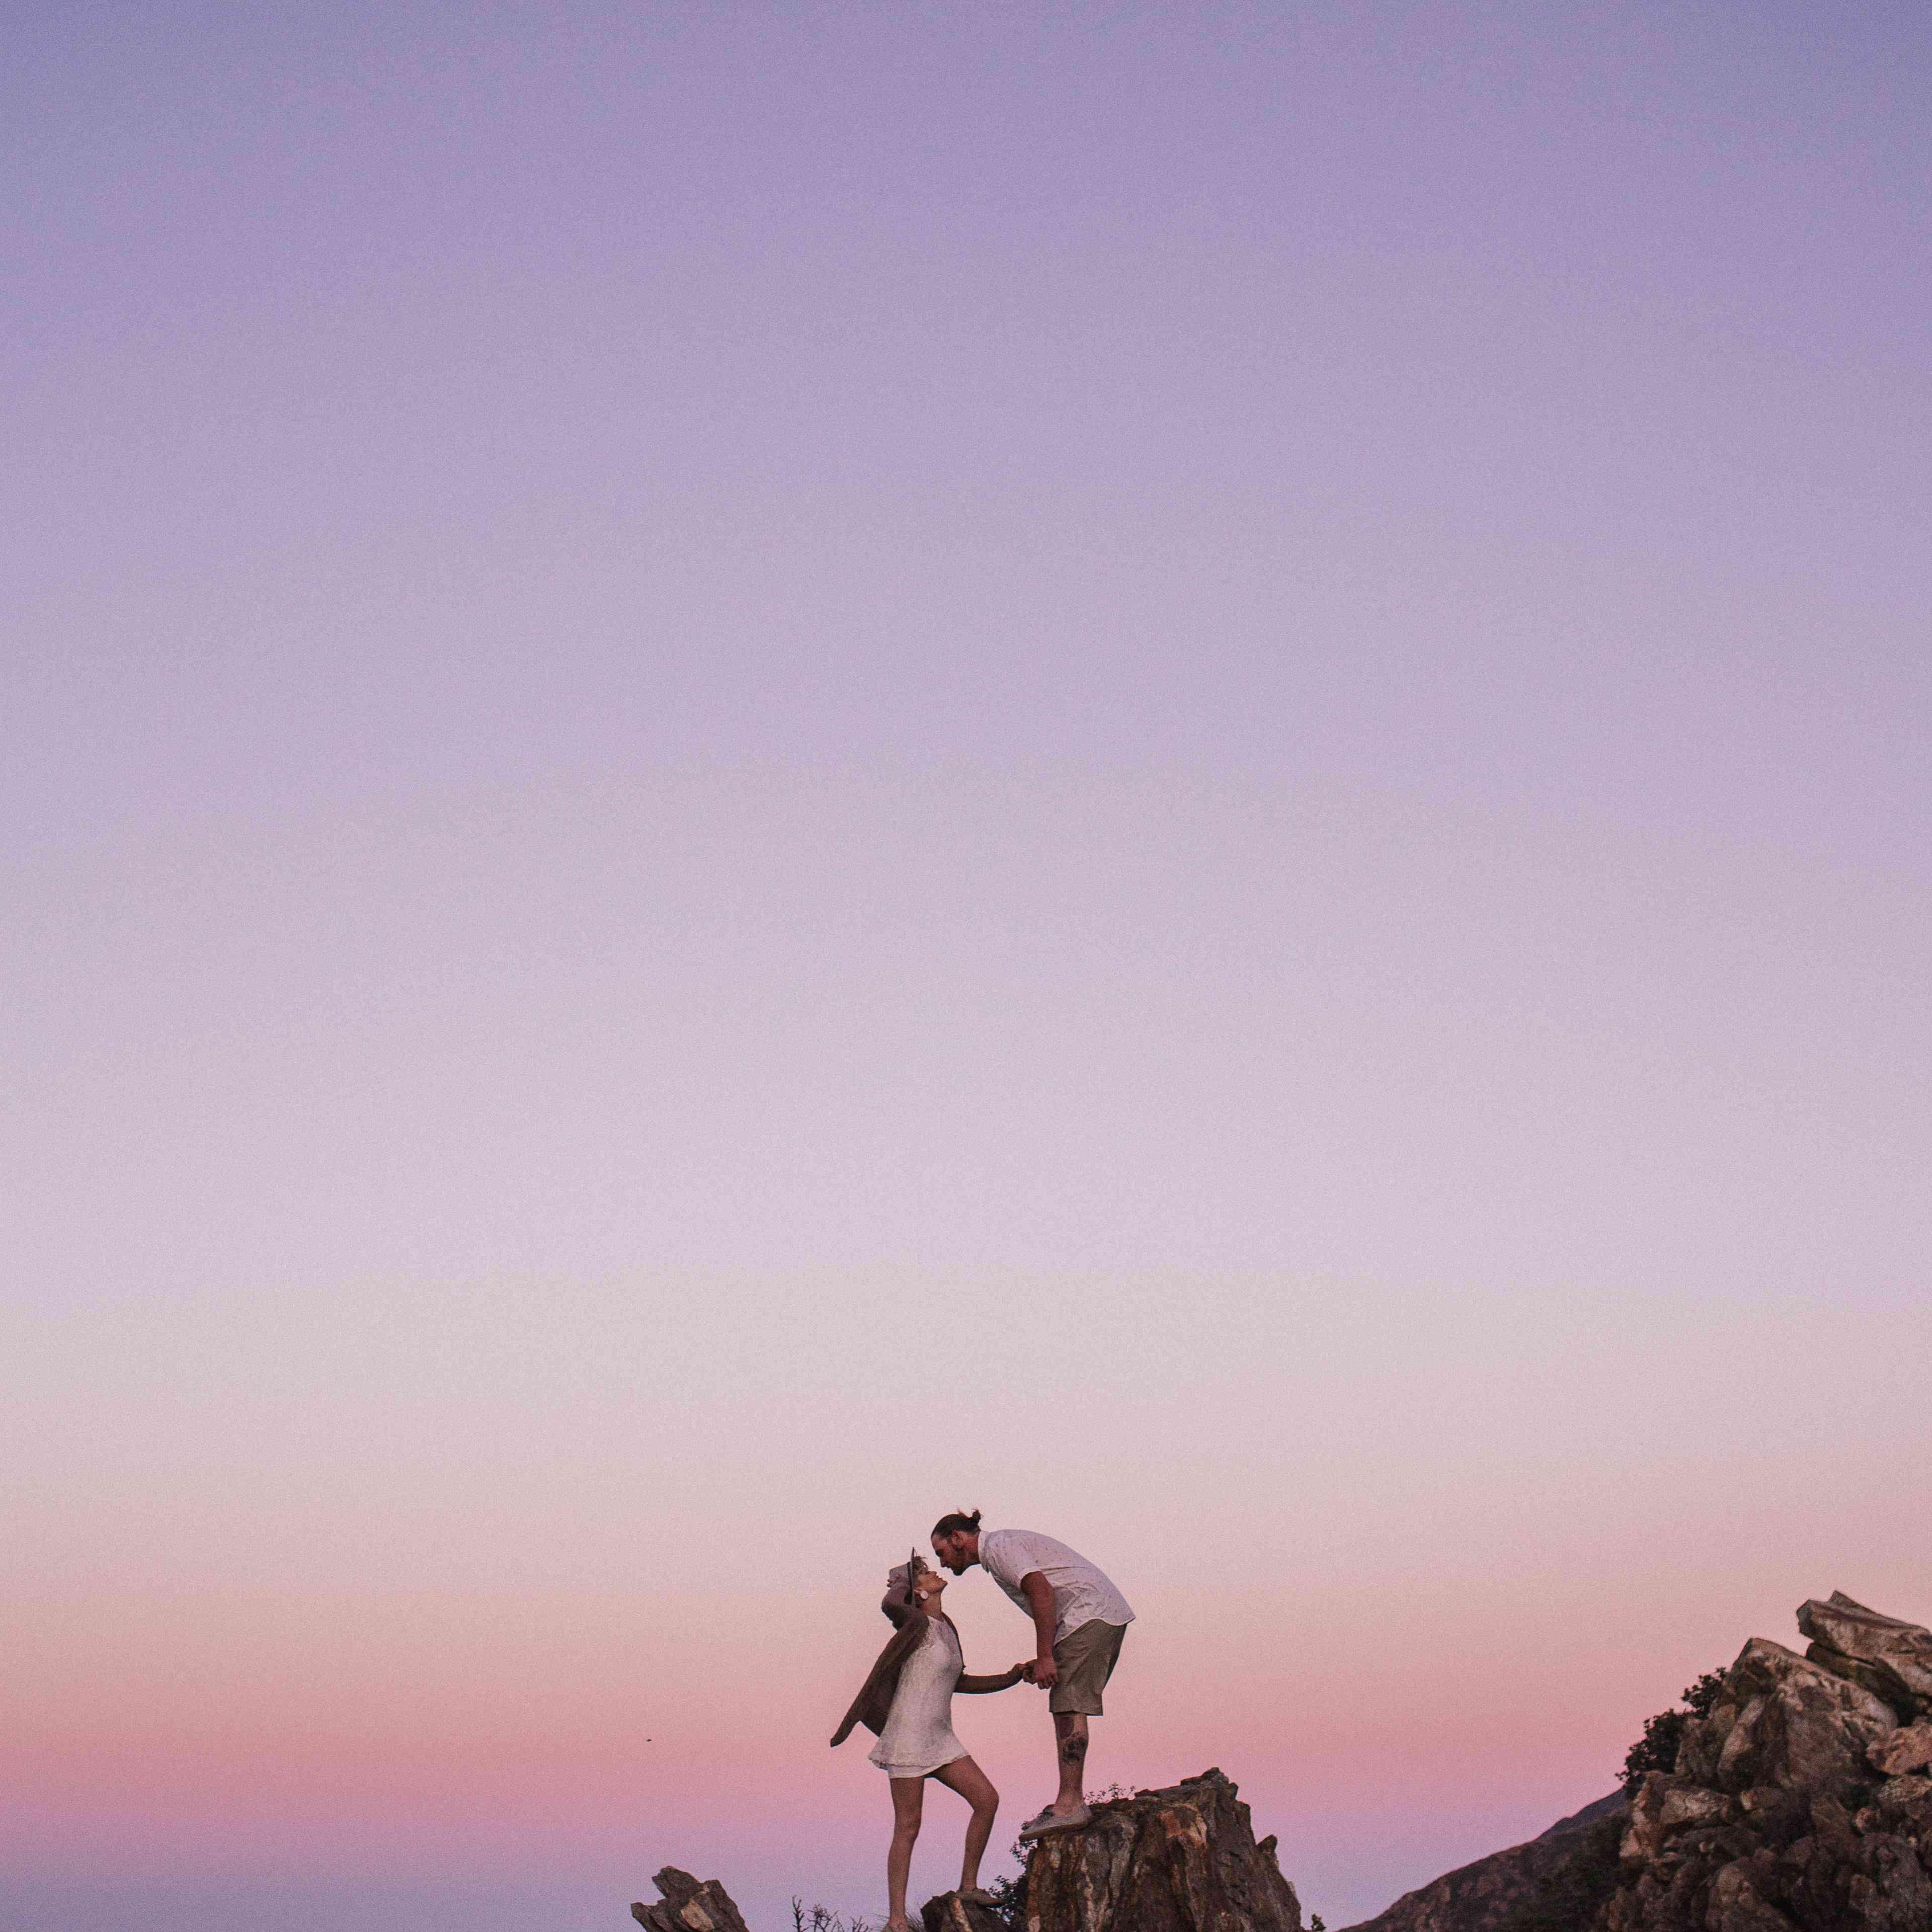 Couple at sunset in desert